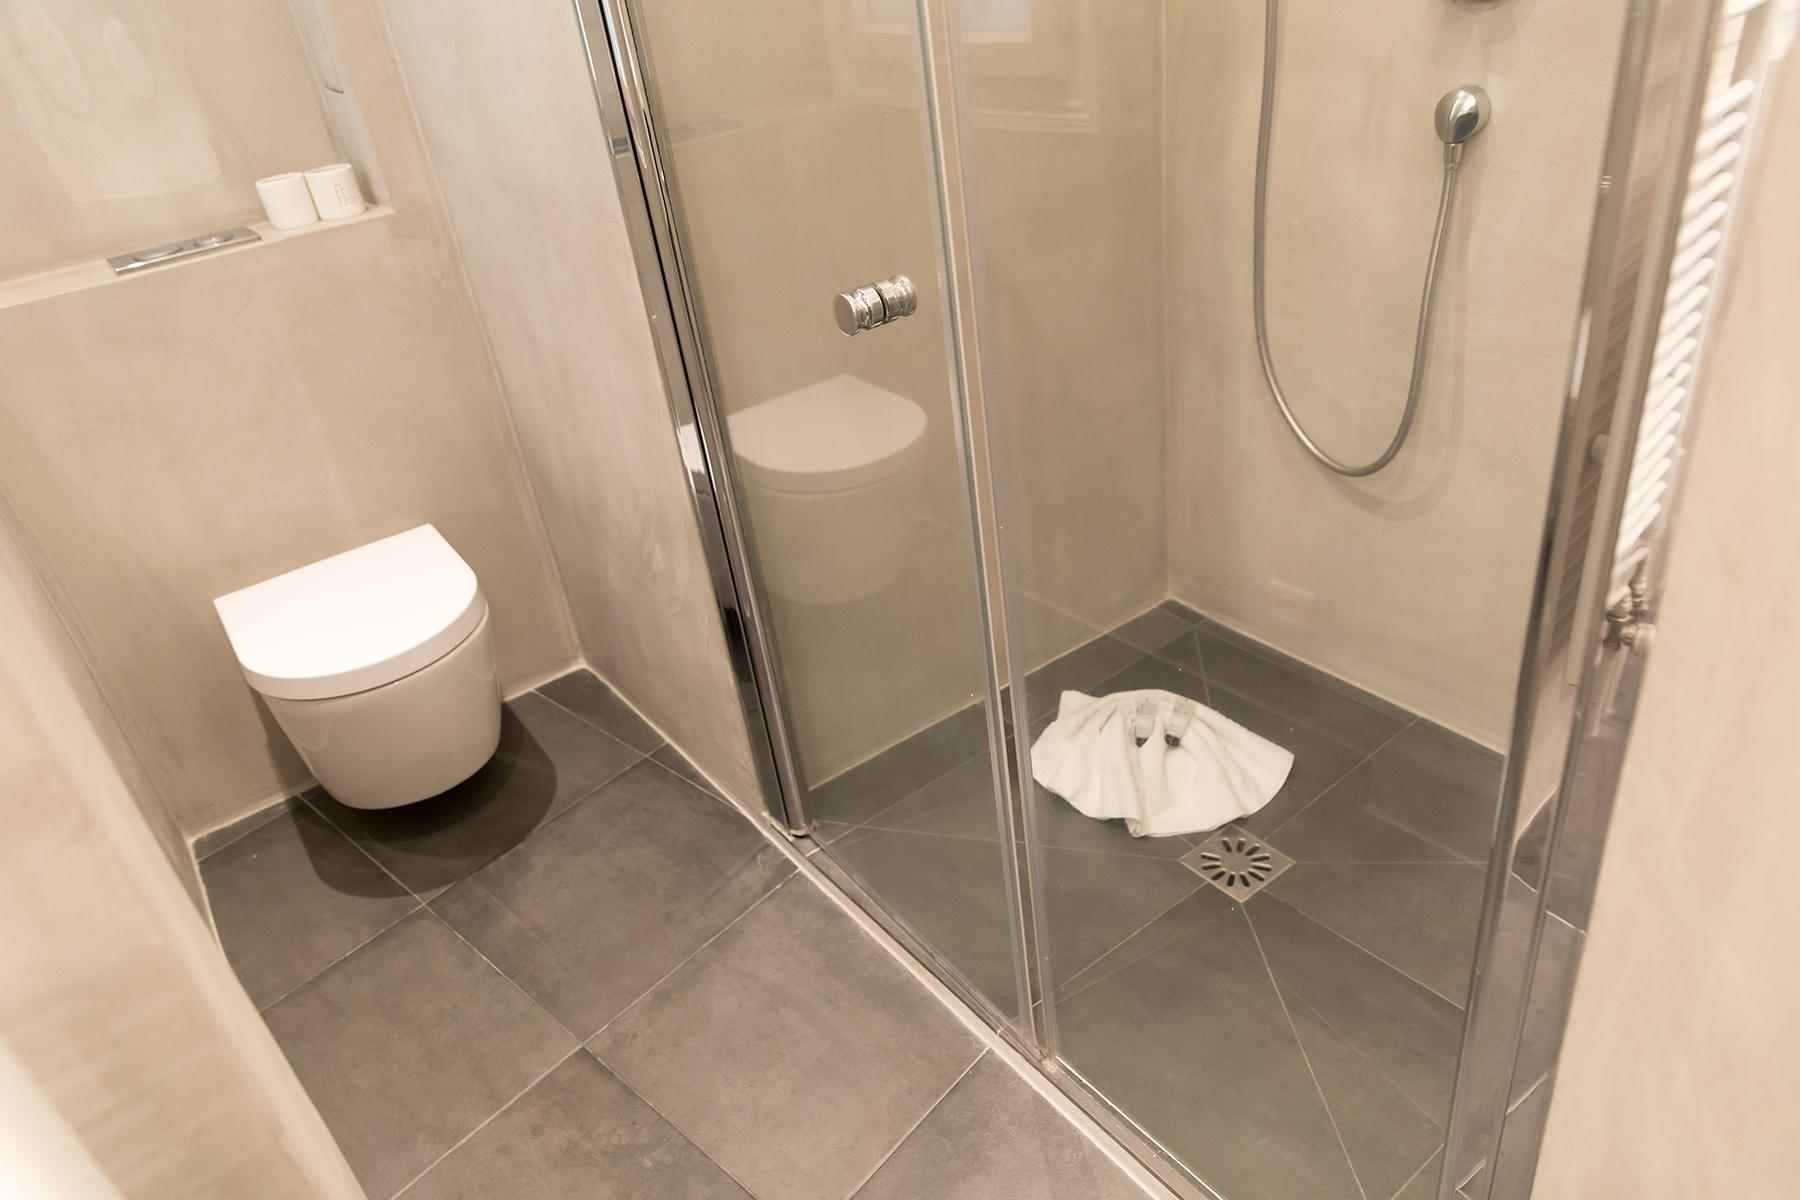 Shower room at Apartment Monceau Chic, 9th Arr, Paris